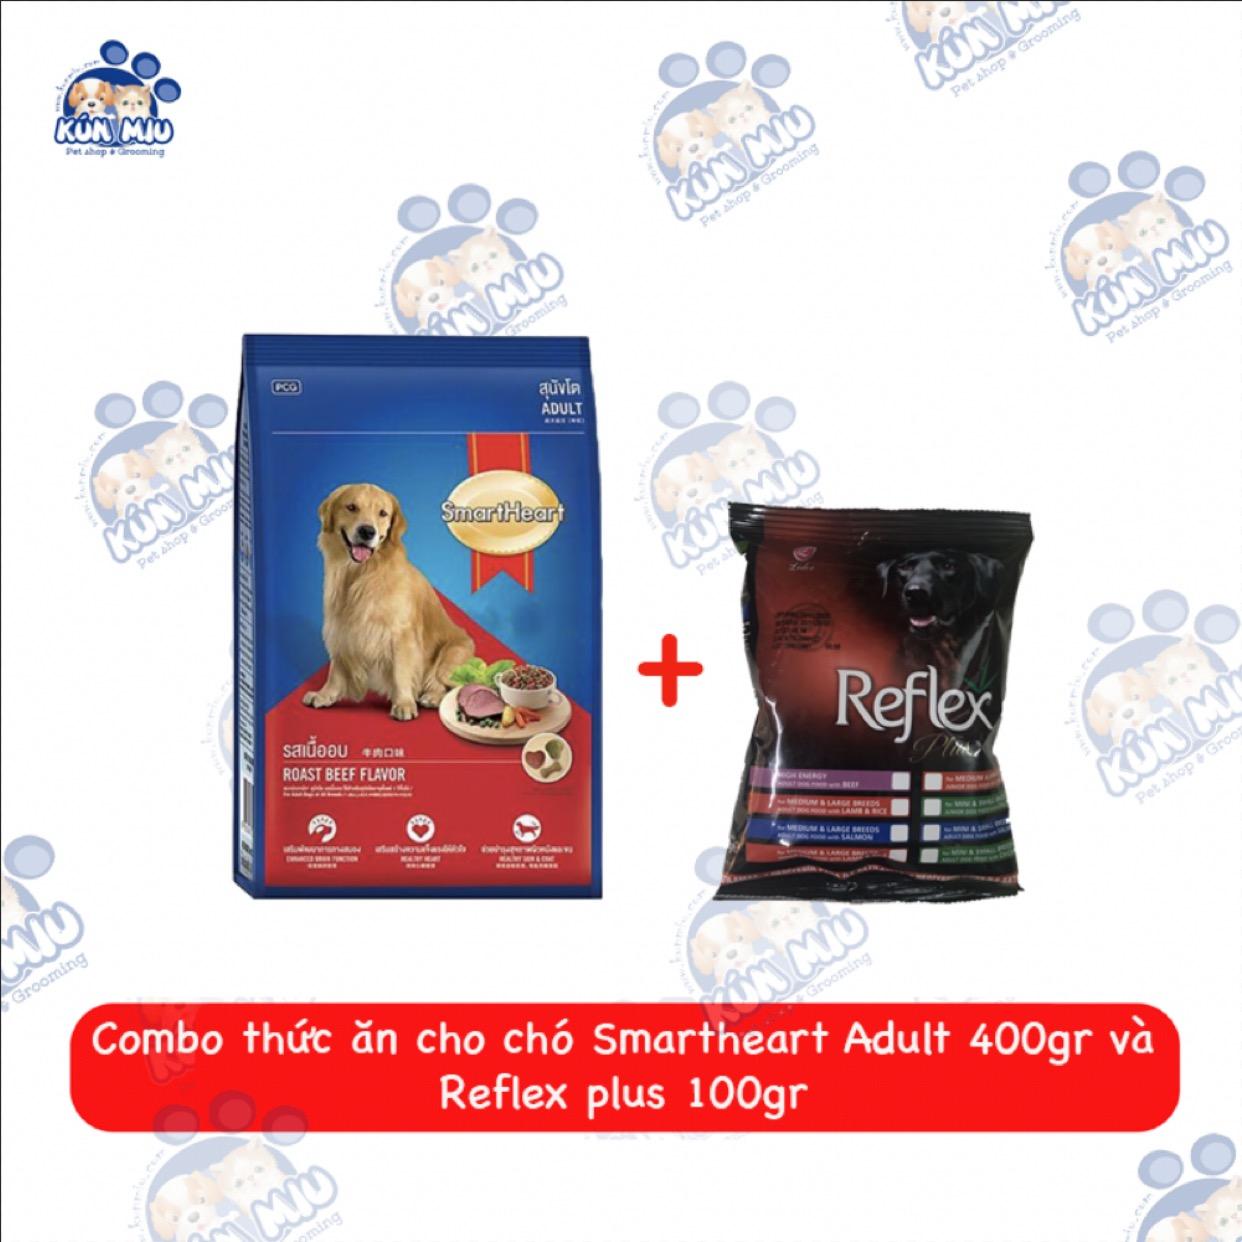 Combo Thức ăn cho chó Smartheart Adult 400g và Reflex 100g